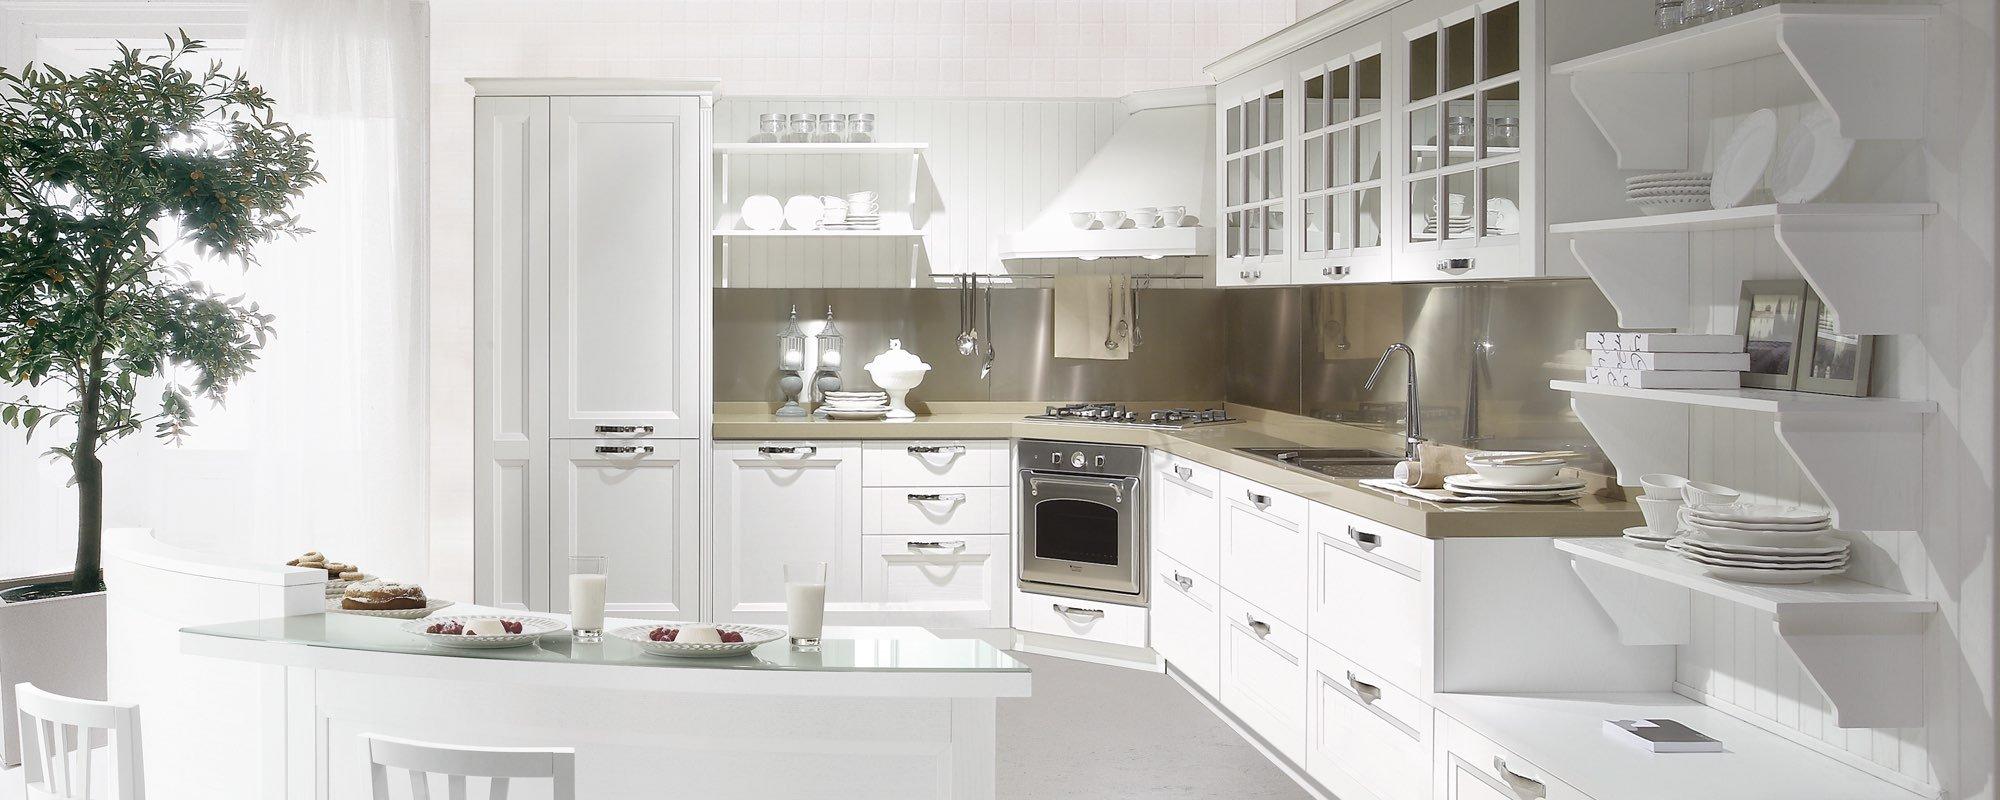 dettaglio cucina stosa contemporanea -Beverly